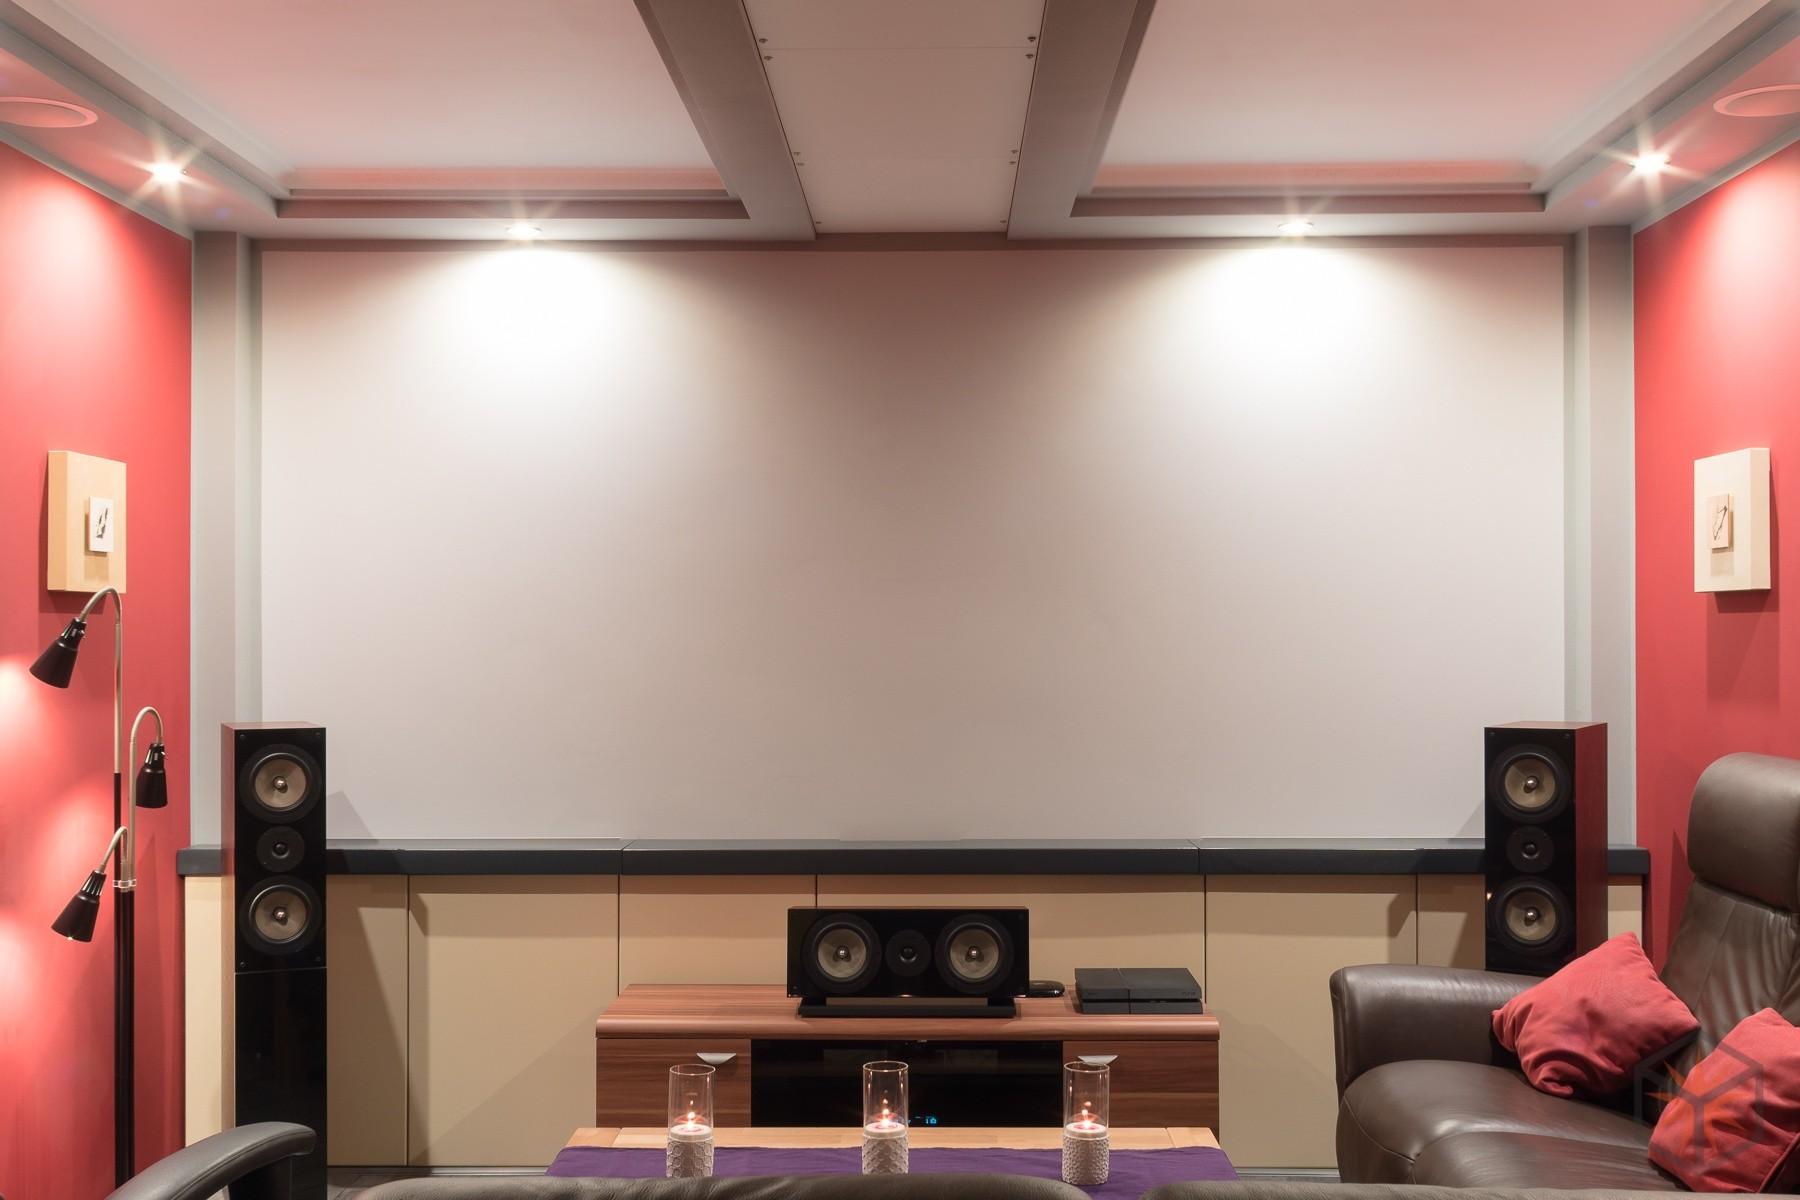 Wohnzimmer-Heimkino TV versenkt